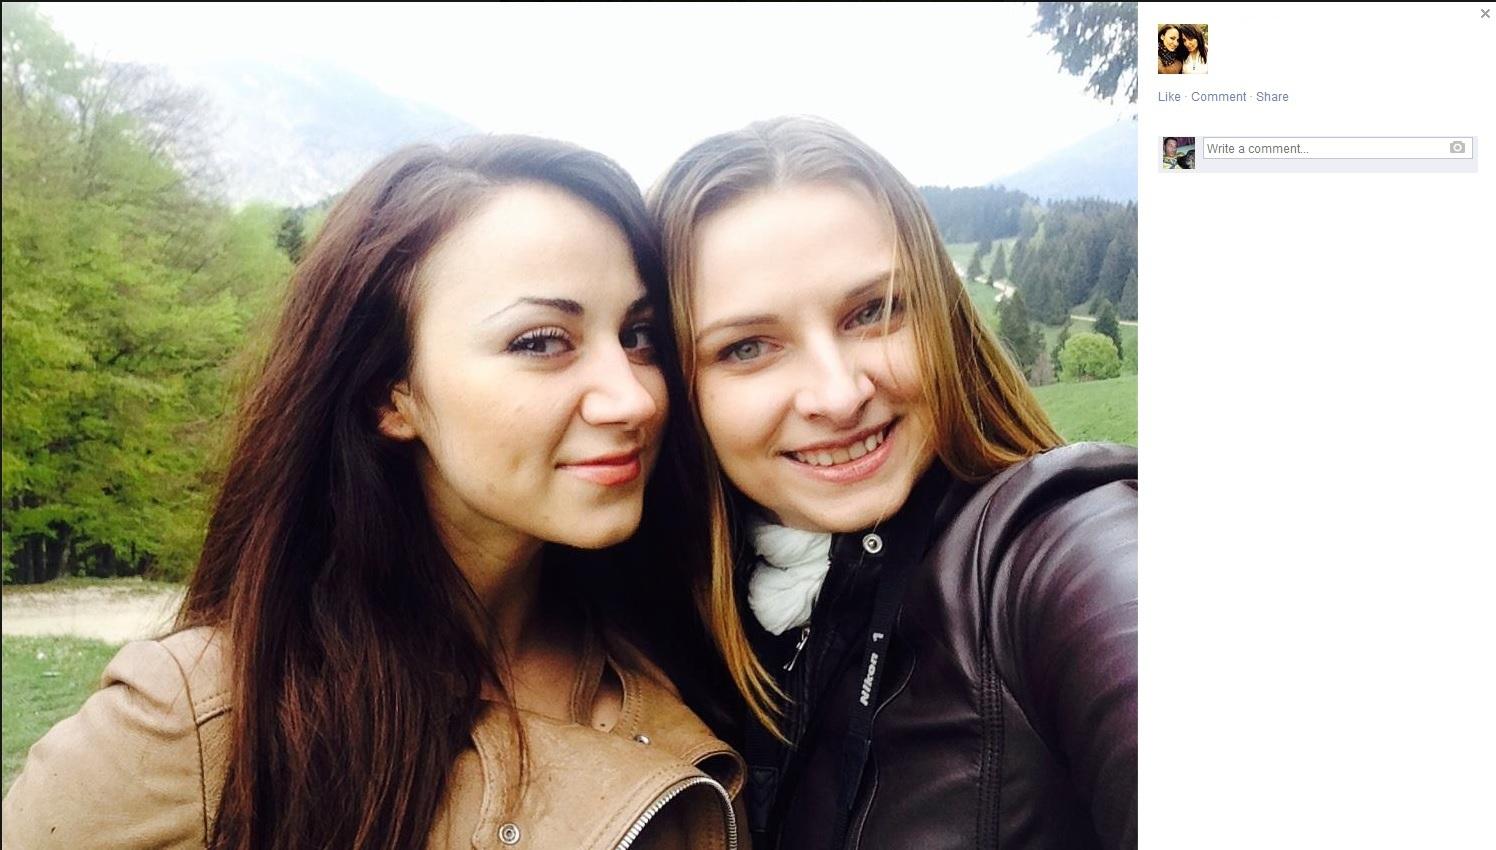 Andreea Denes a postat de curnad o fotografie alaturi de Andreea Diana, tanara care a murit in accidentul de ATV